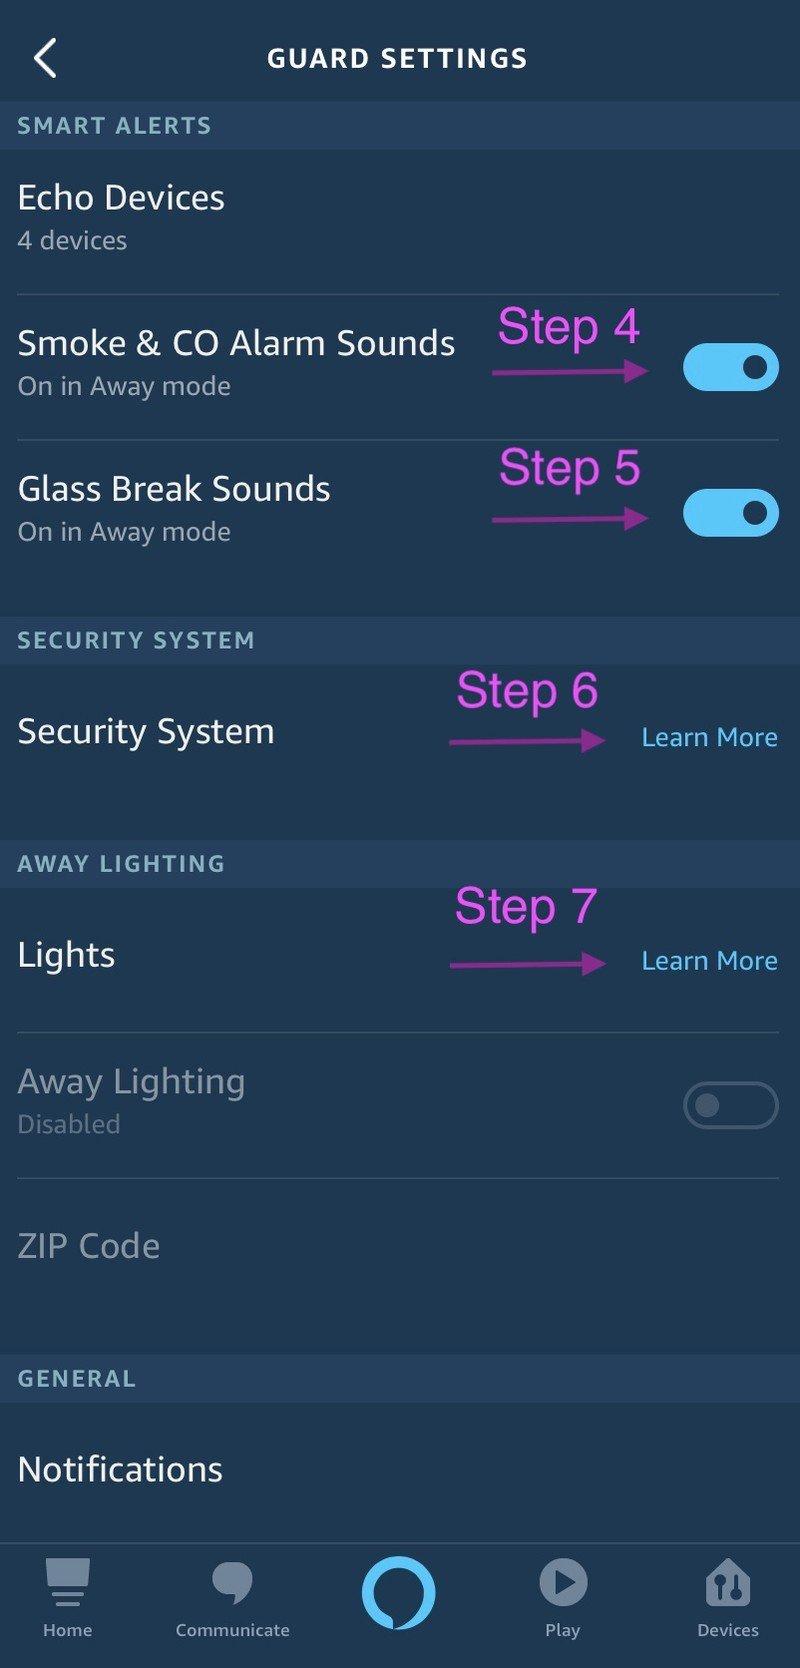 alexa-guard-settings-alert.jpg?itok=3fu2